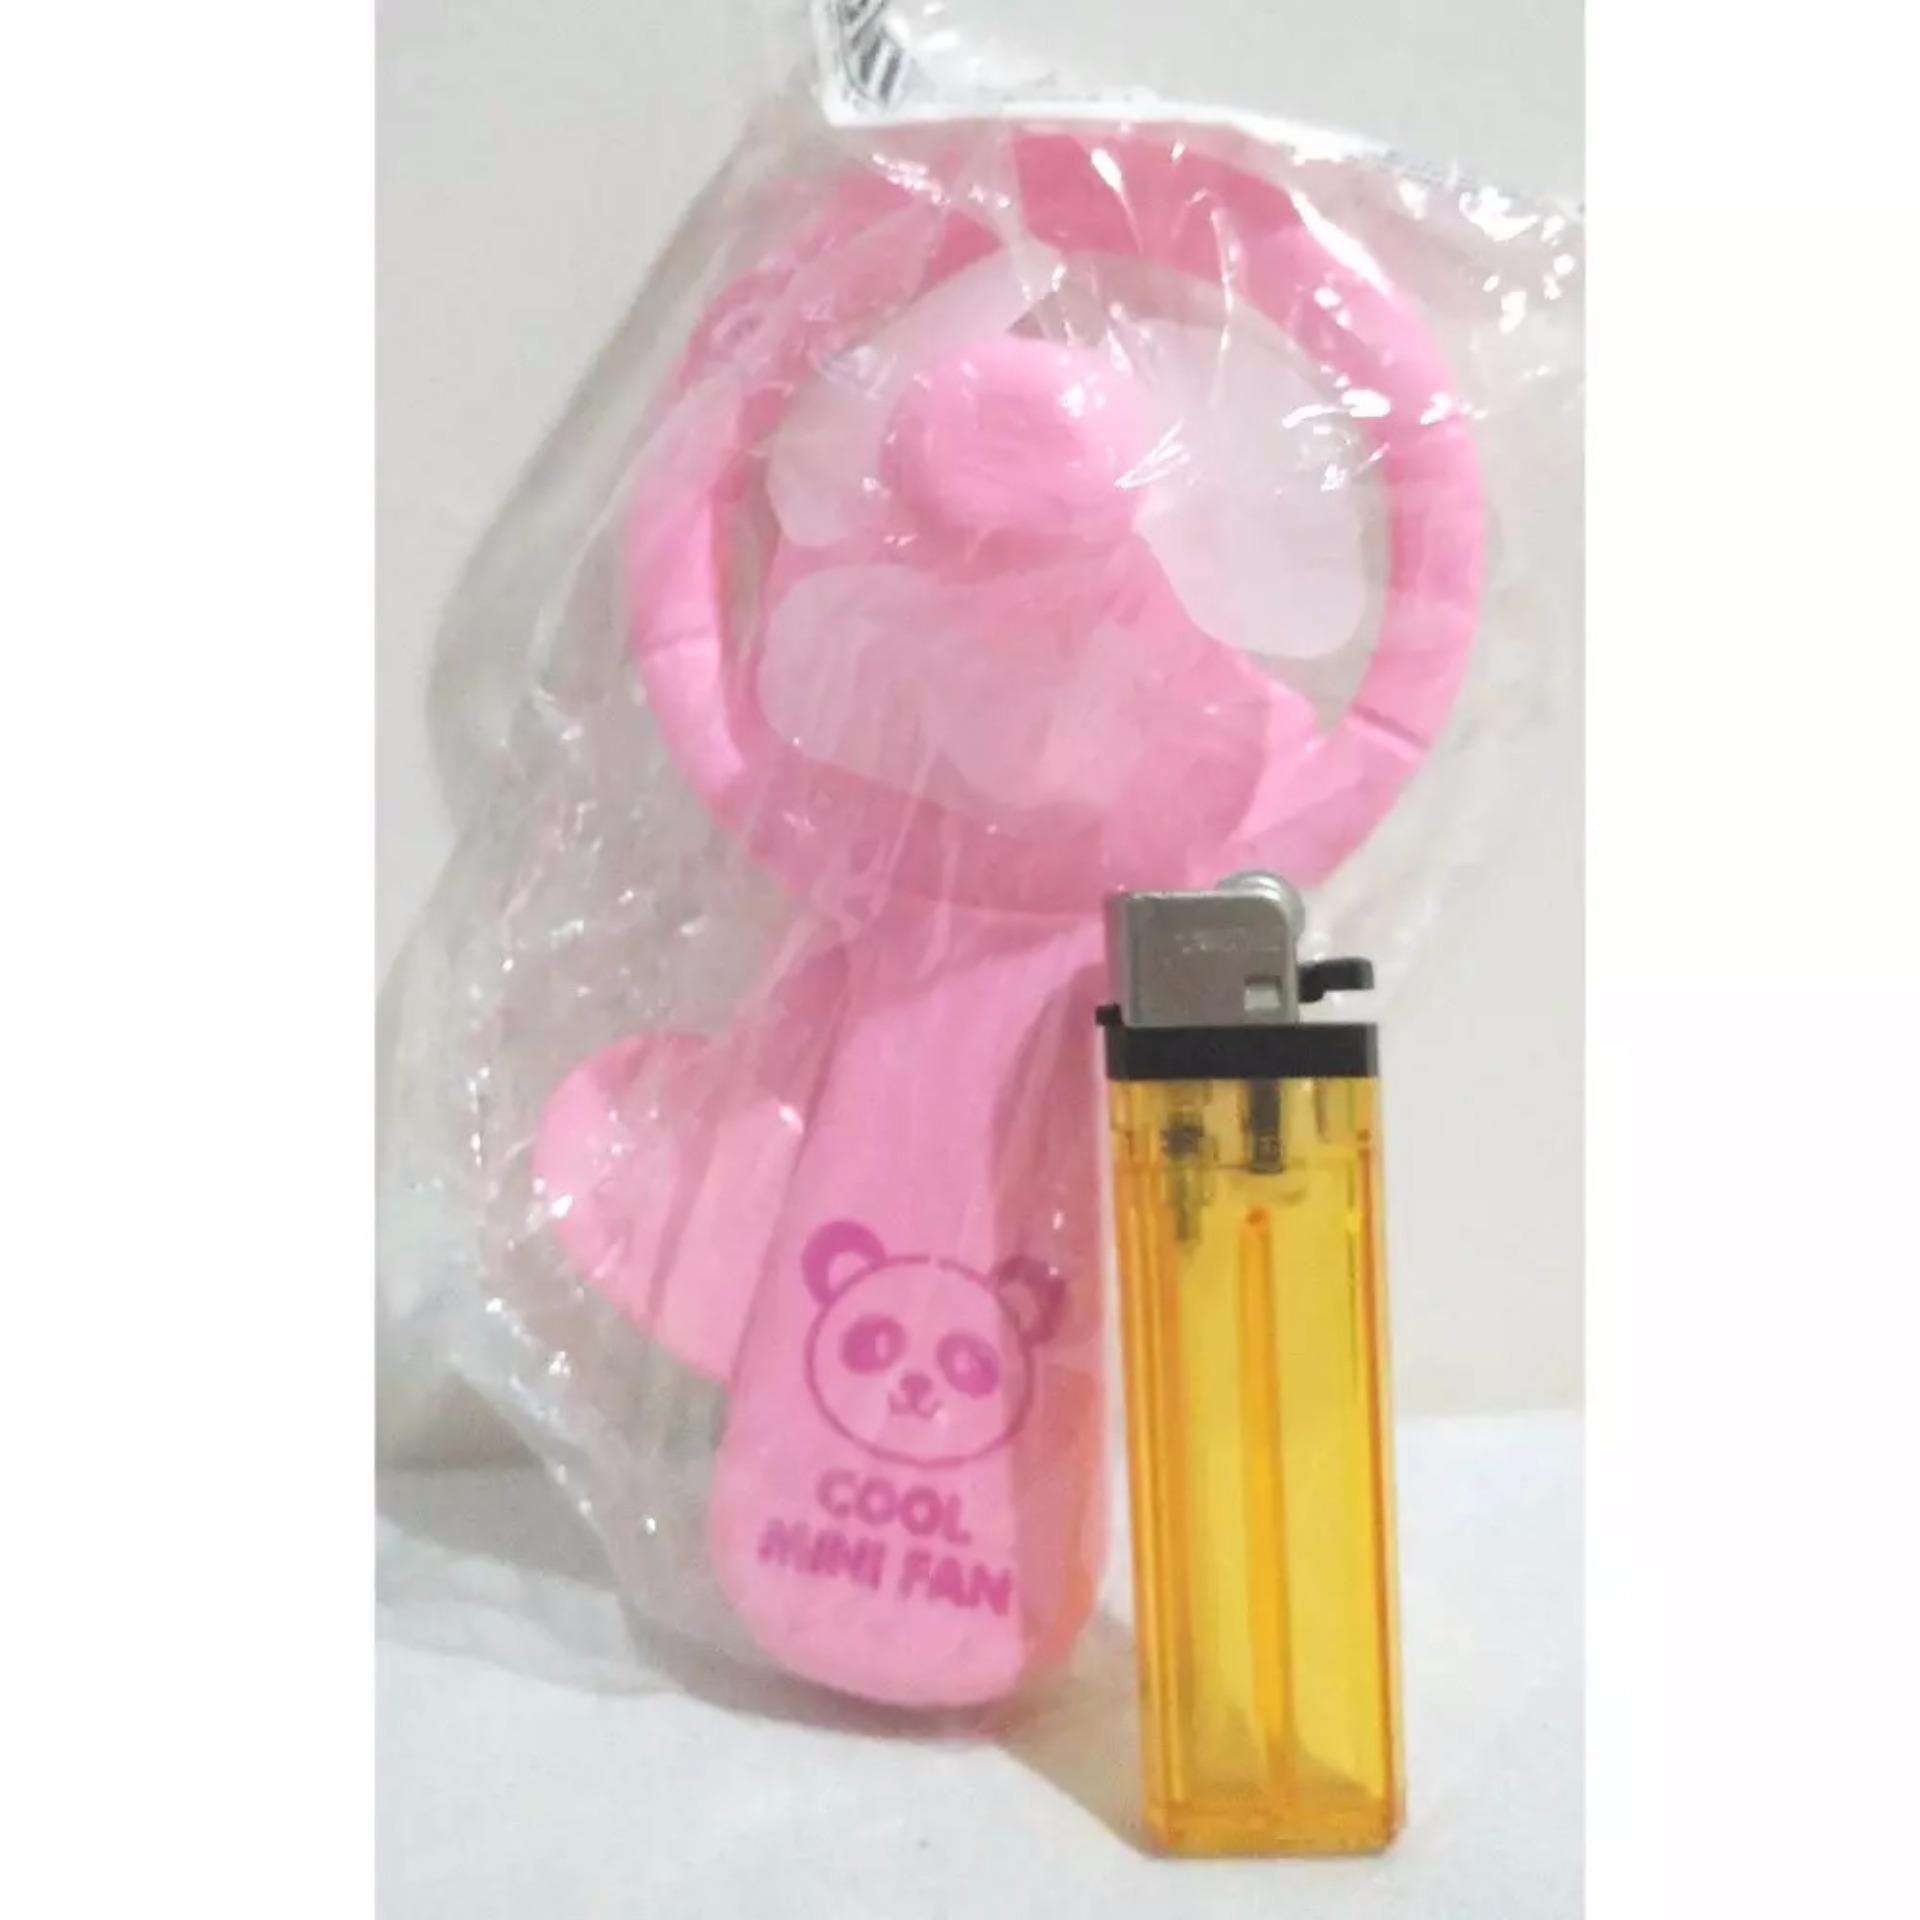 Anggaran Terbaik Kipas Angin Manual Pencet Besar Murah Mainan Lucu Pink